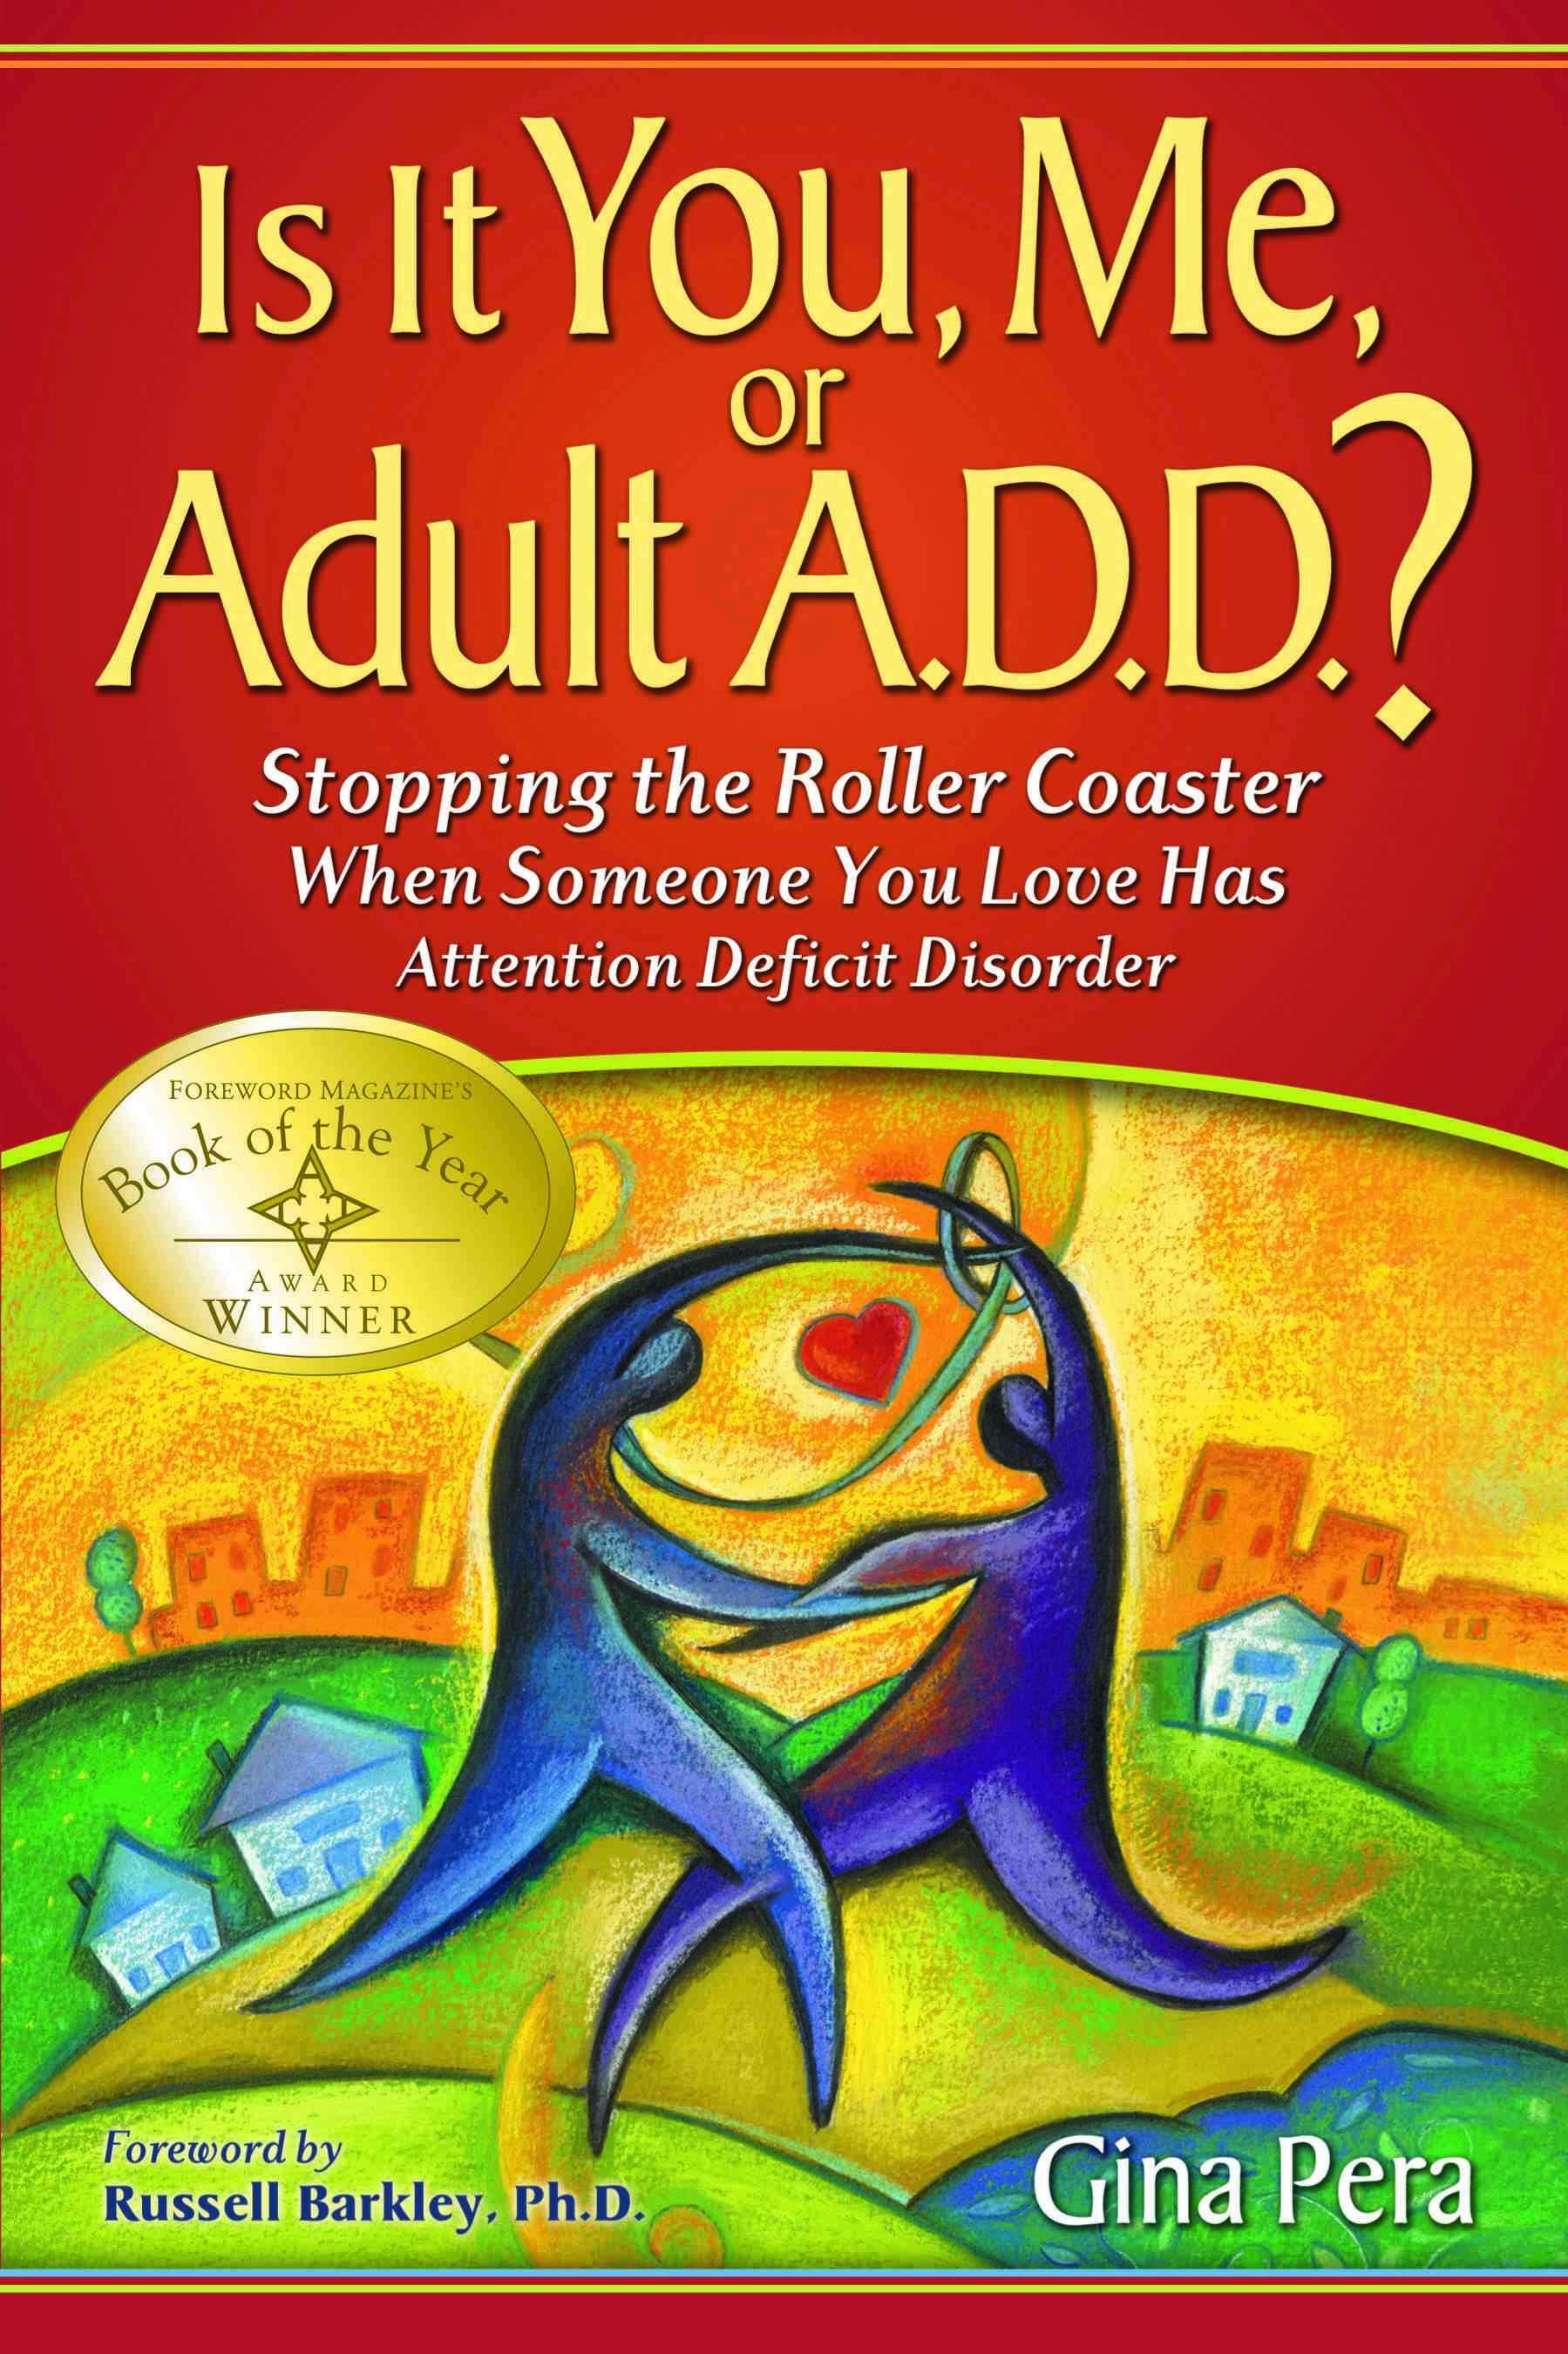 adult adhd canada jpg 422x640